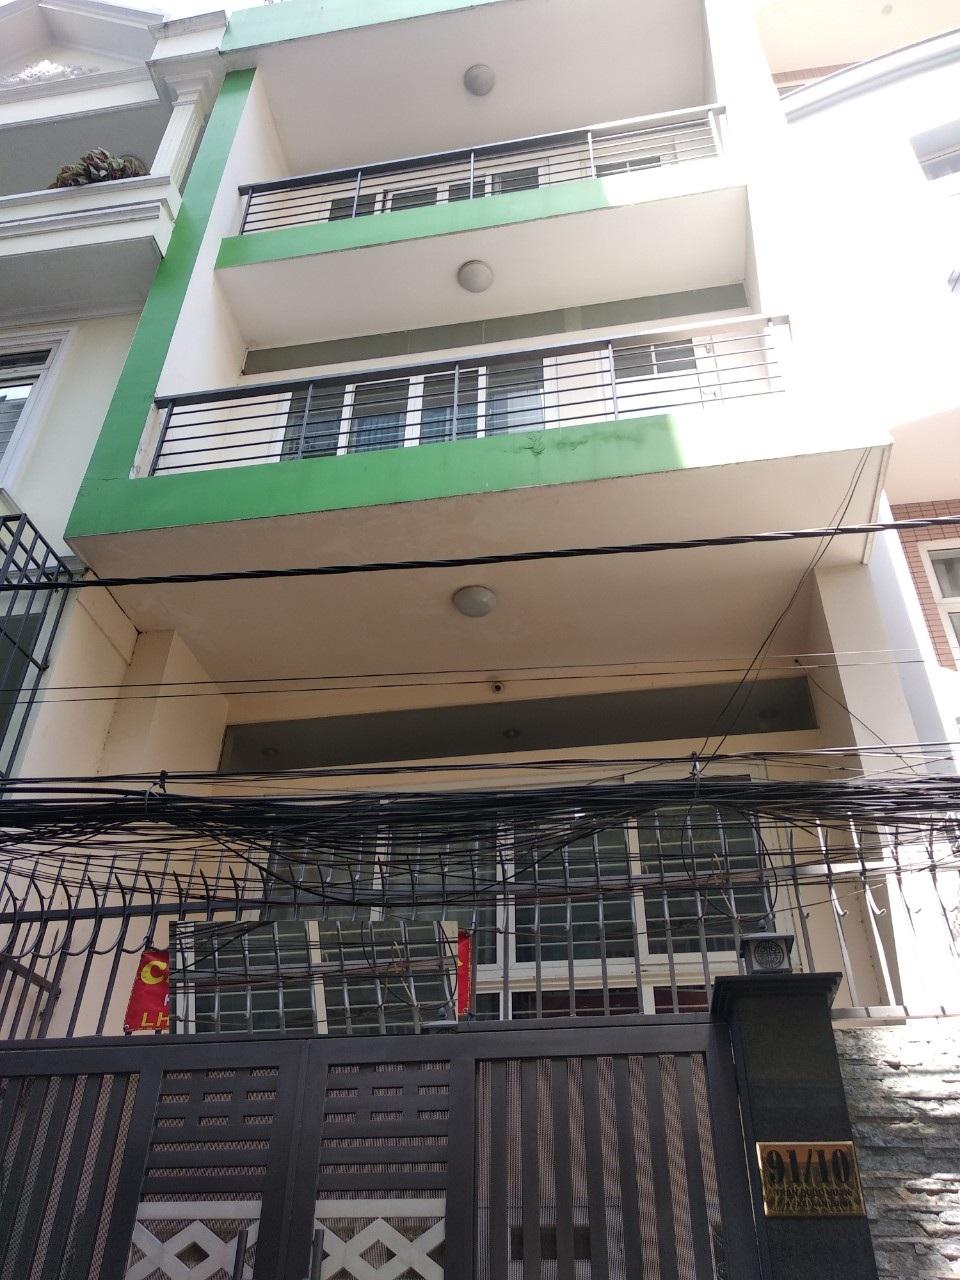 Cho thuê nhà quận Tân Bình, cho thuê nhà đường Trần quốc Hoàn